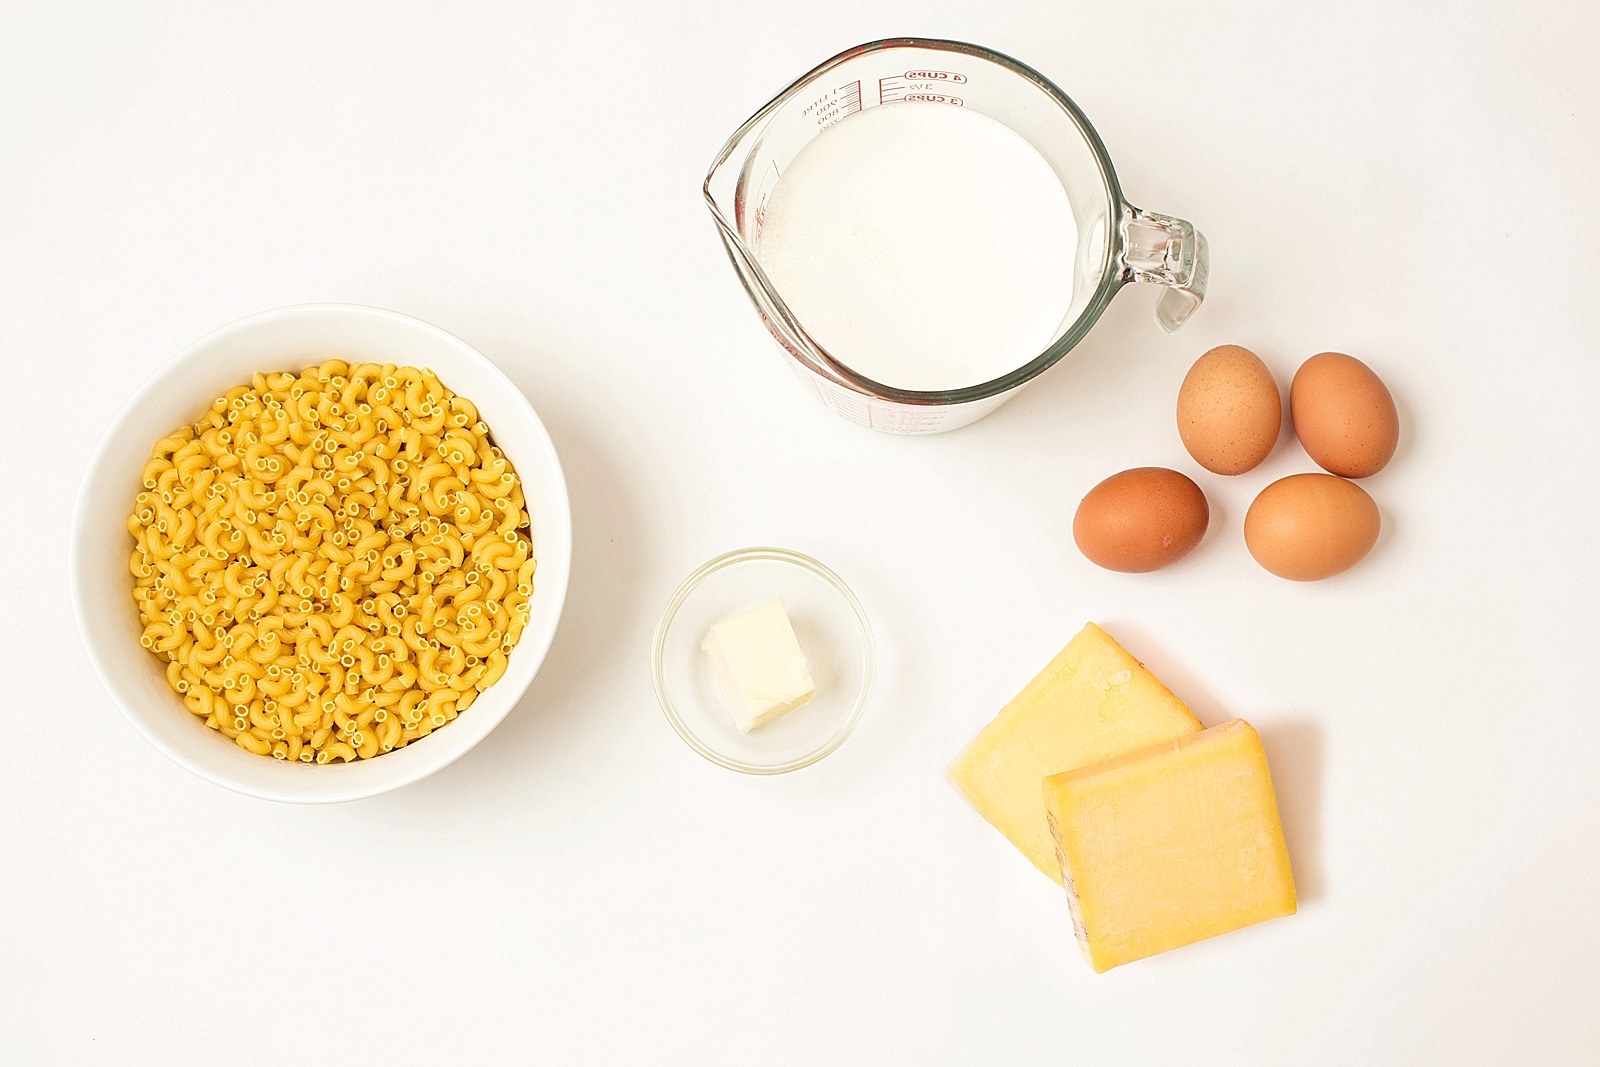 scotch-brite-cheese-mac-gruyere-cheese-recipe-111